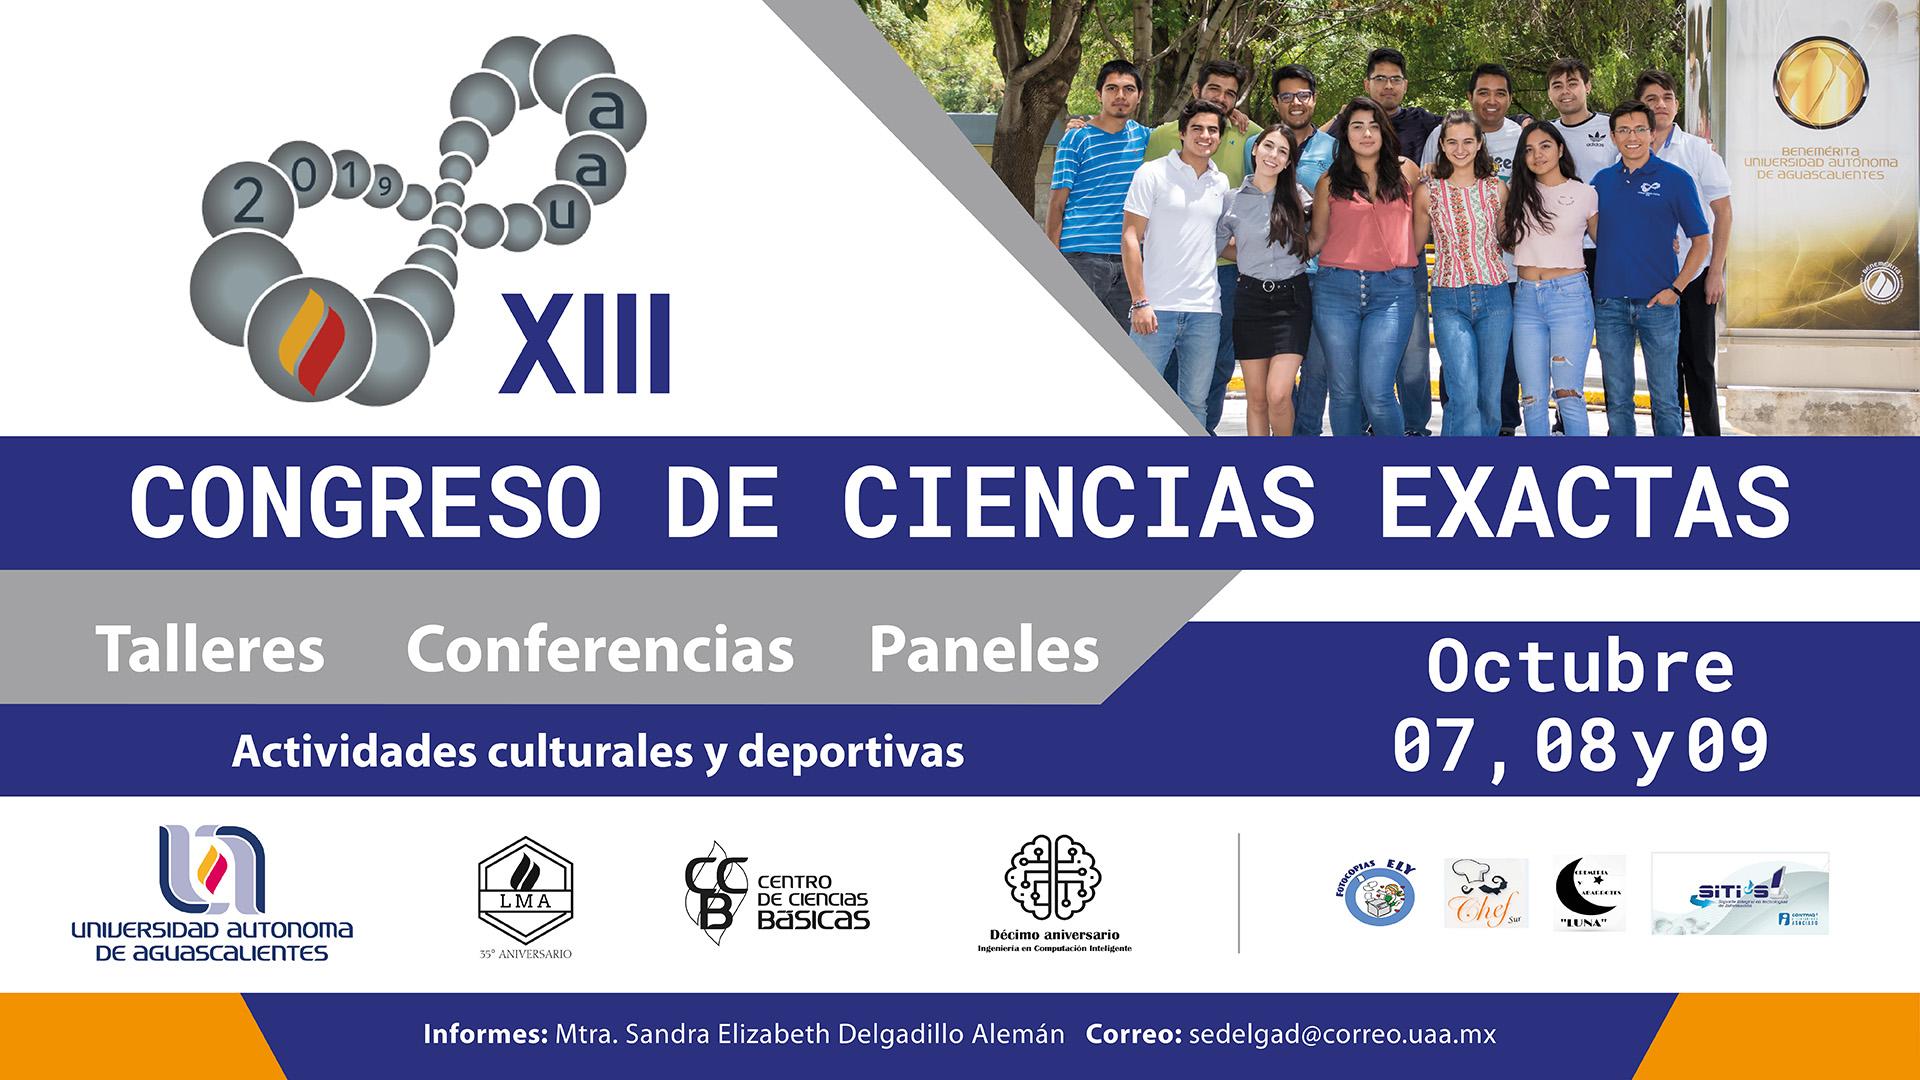 XIII Congreso de Ciencias Exactas